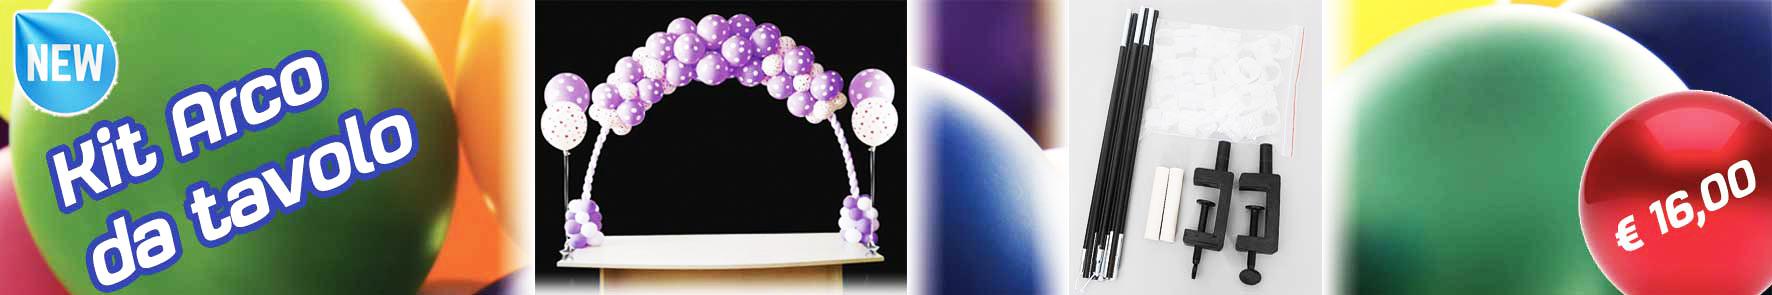 arco-da-tavolo-newballoonstore